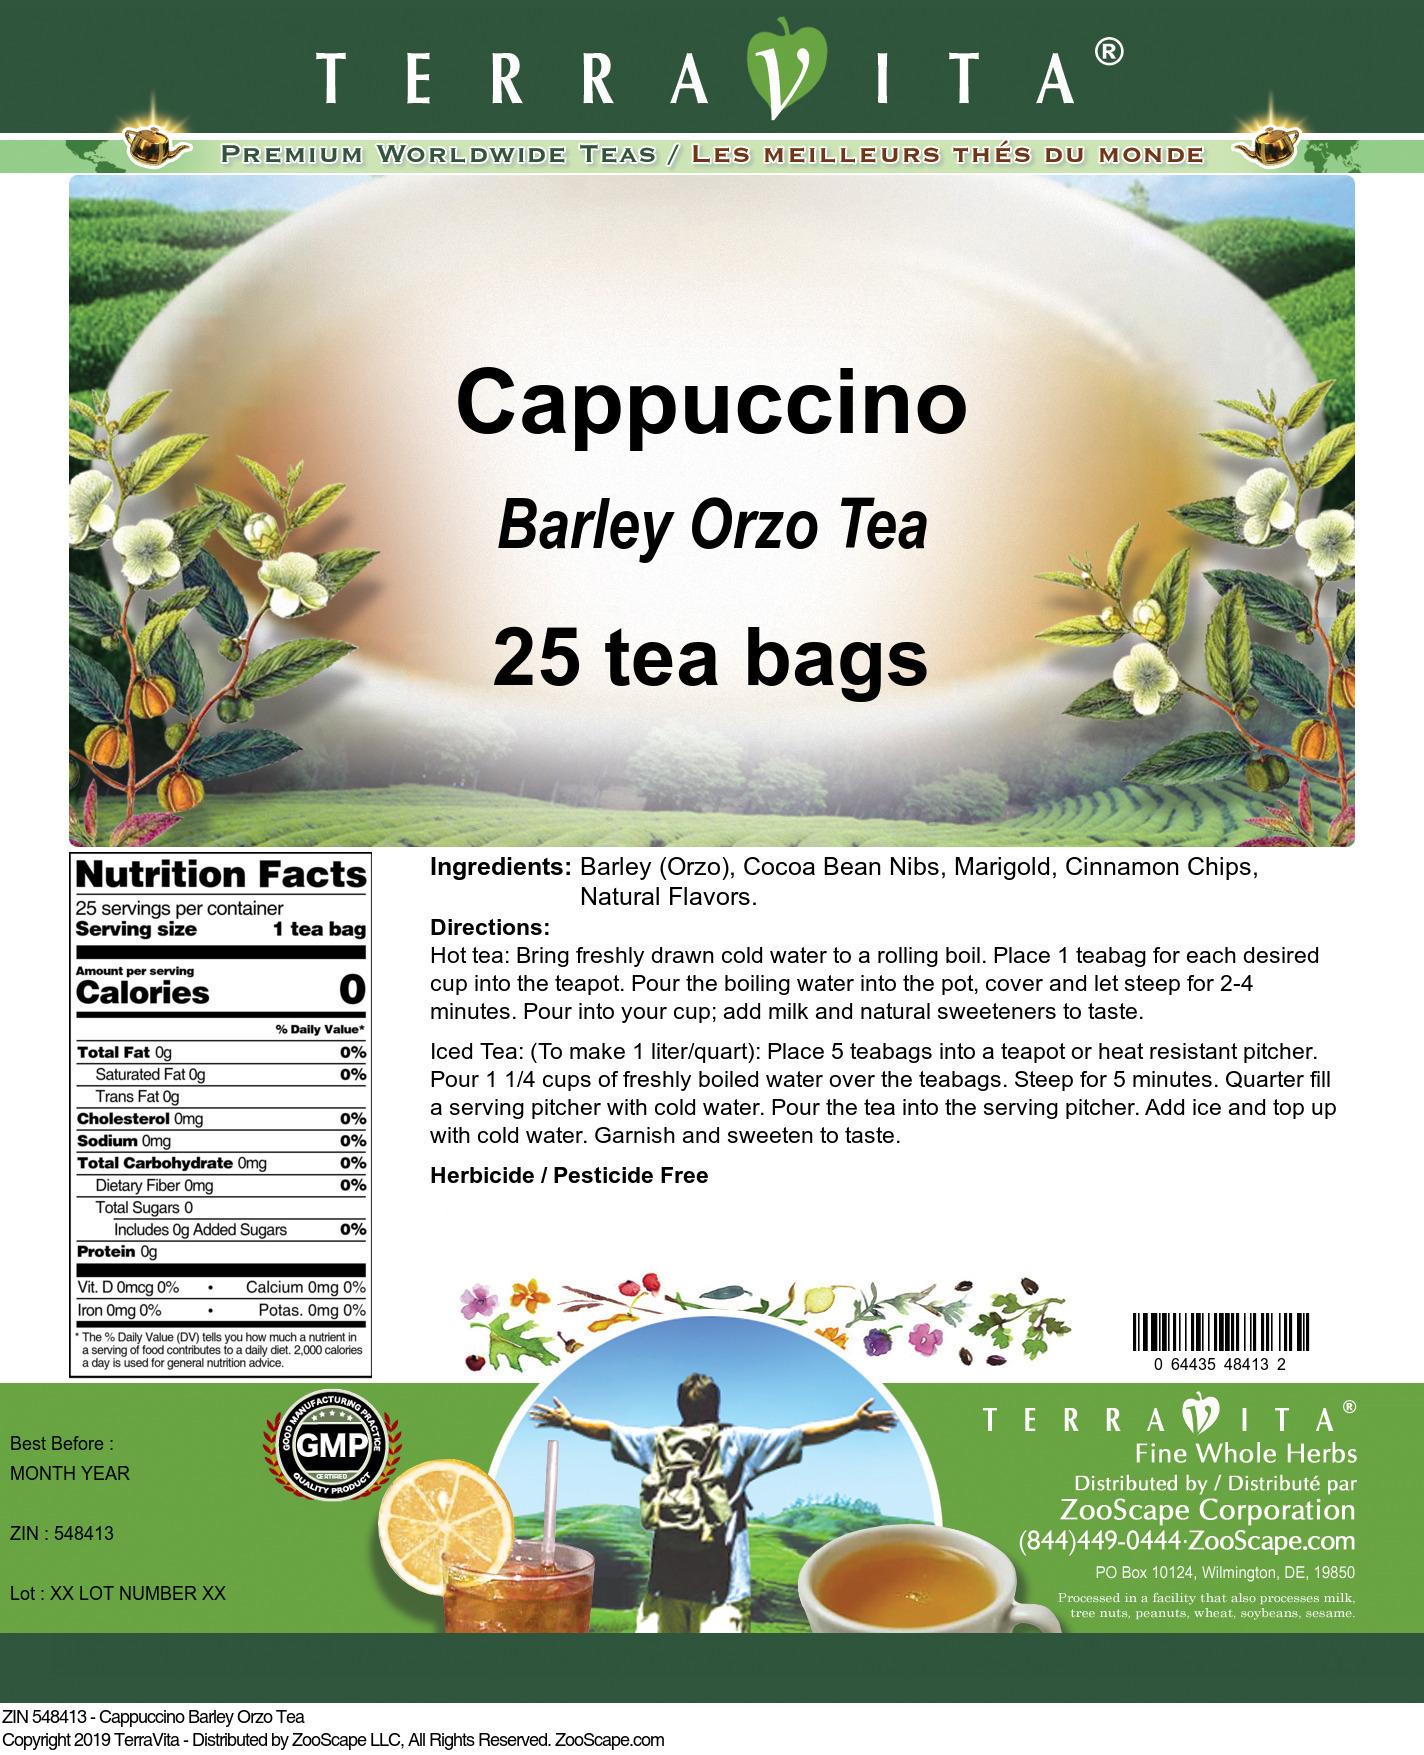 Cappuccino Barley Orzo Tea